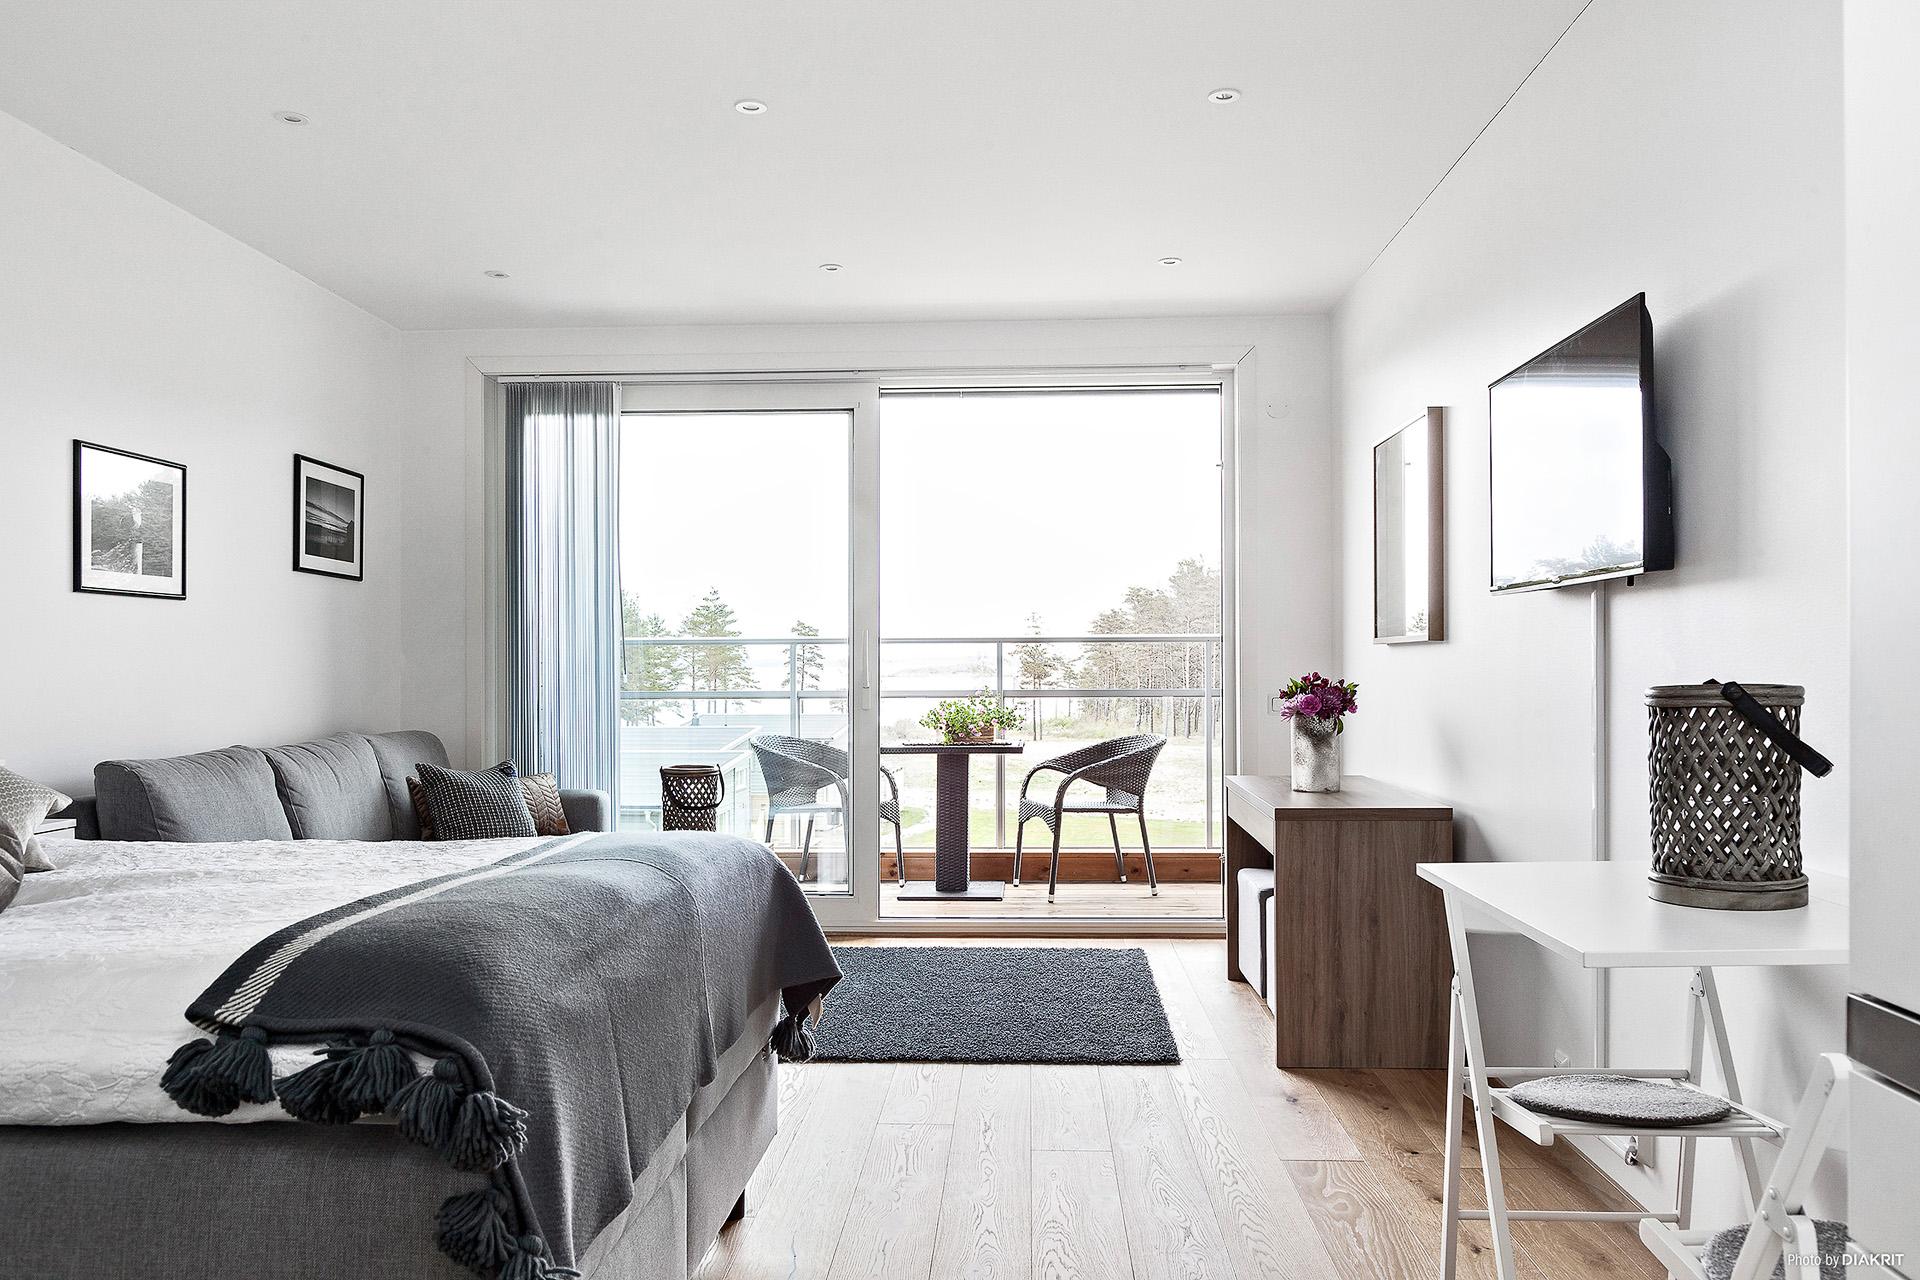 Trevlig lägenhet med öppen planlösning.